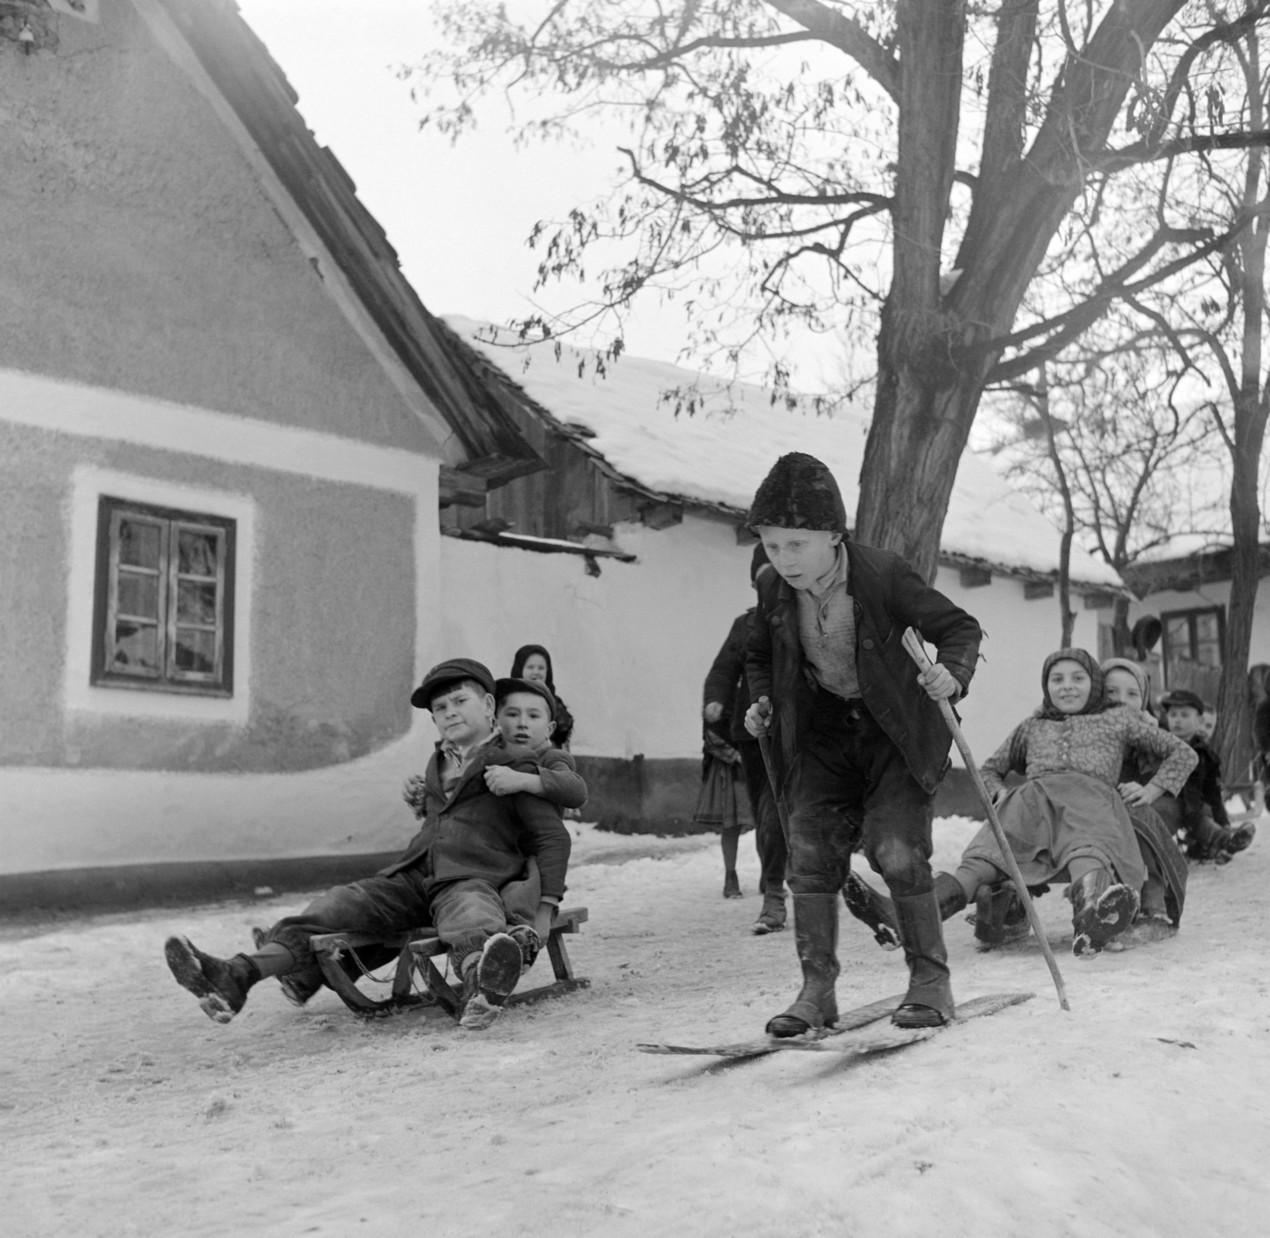 Püspökhatvan, 1955. január 14. Szánkóznak és síelnek a gyerekek a falu egyik utcáján. MTI Fotó/Magyar Fotó: Samai Antónia-Munk Tamás